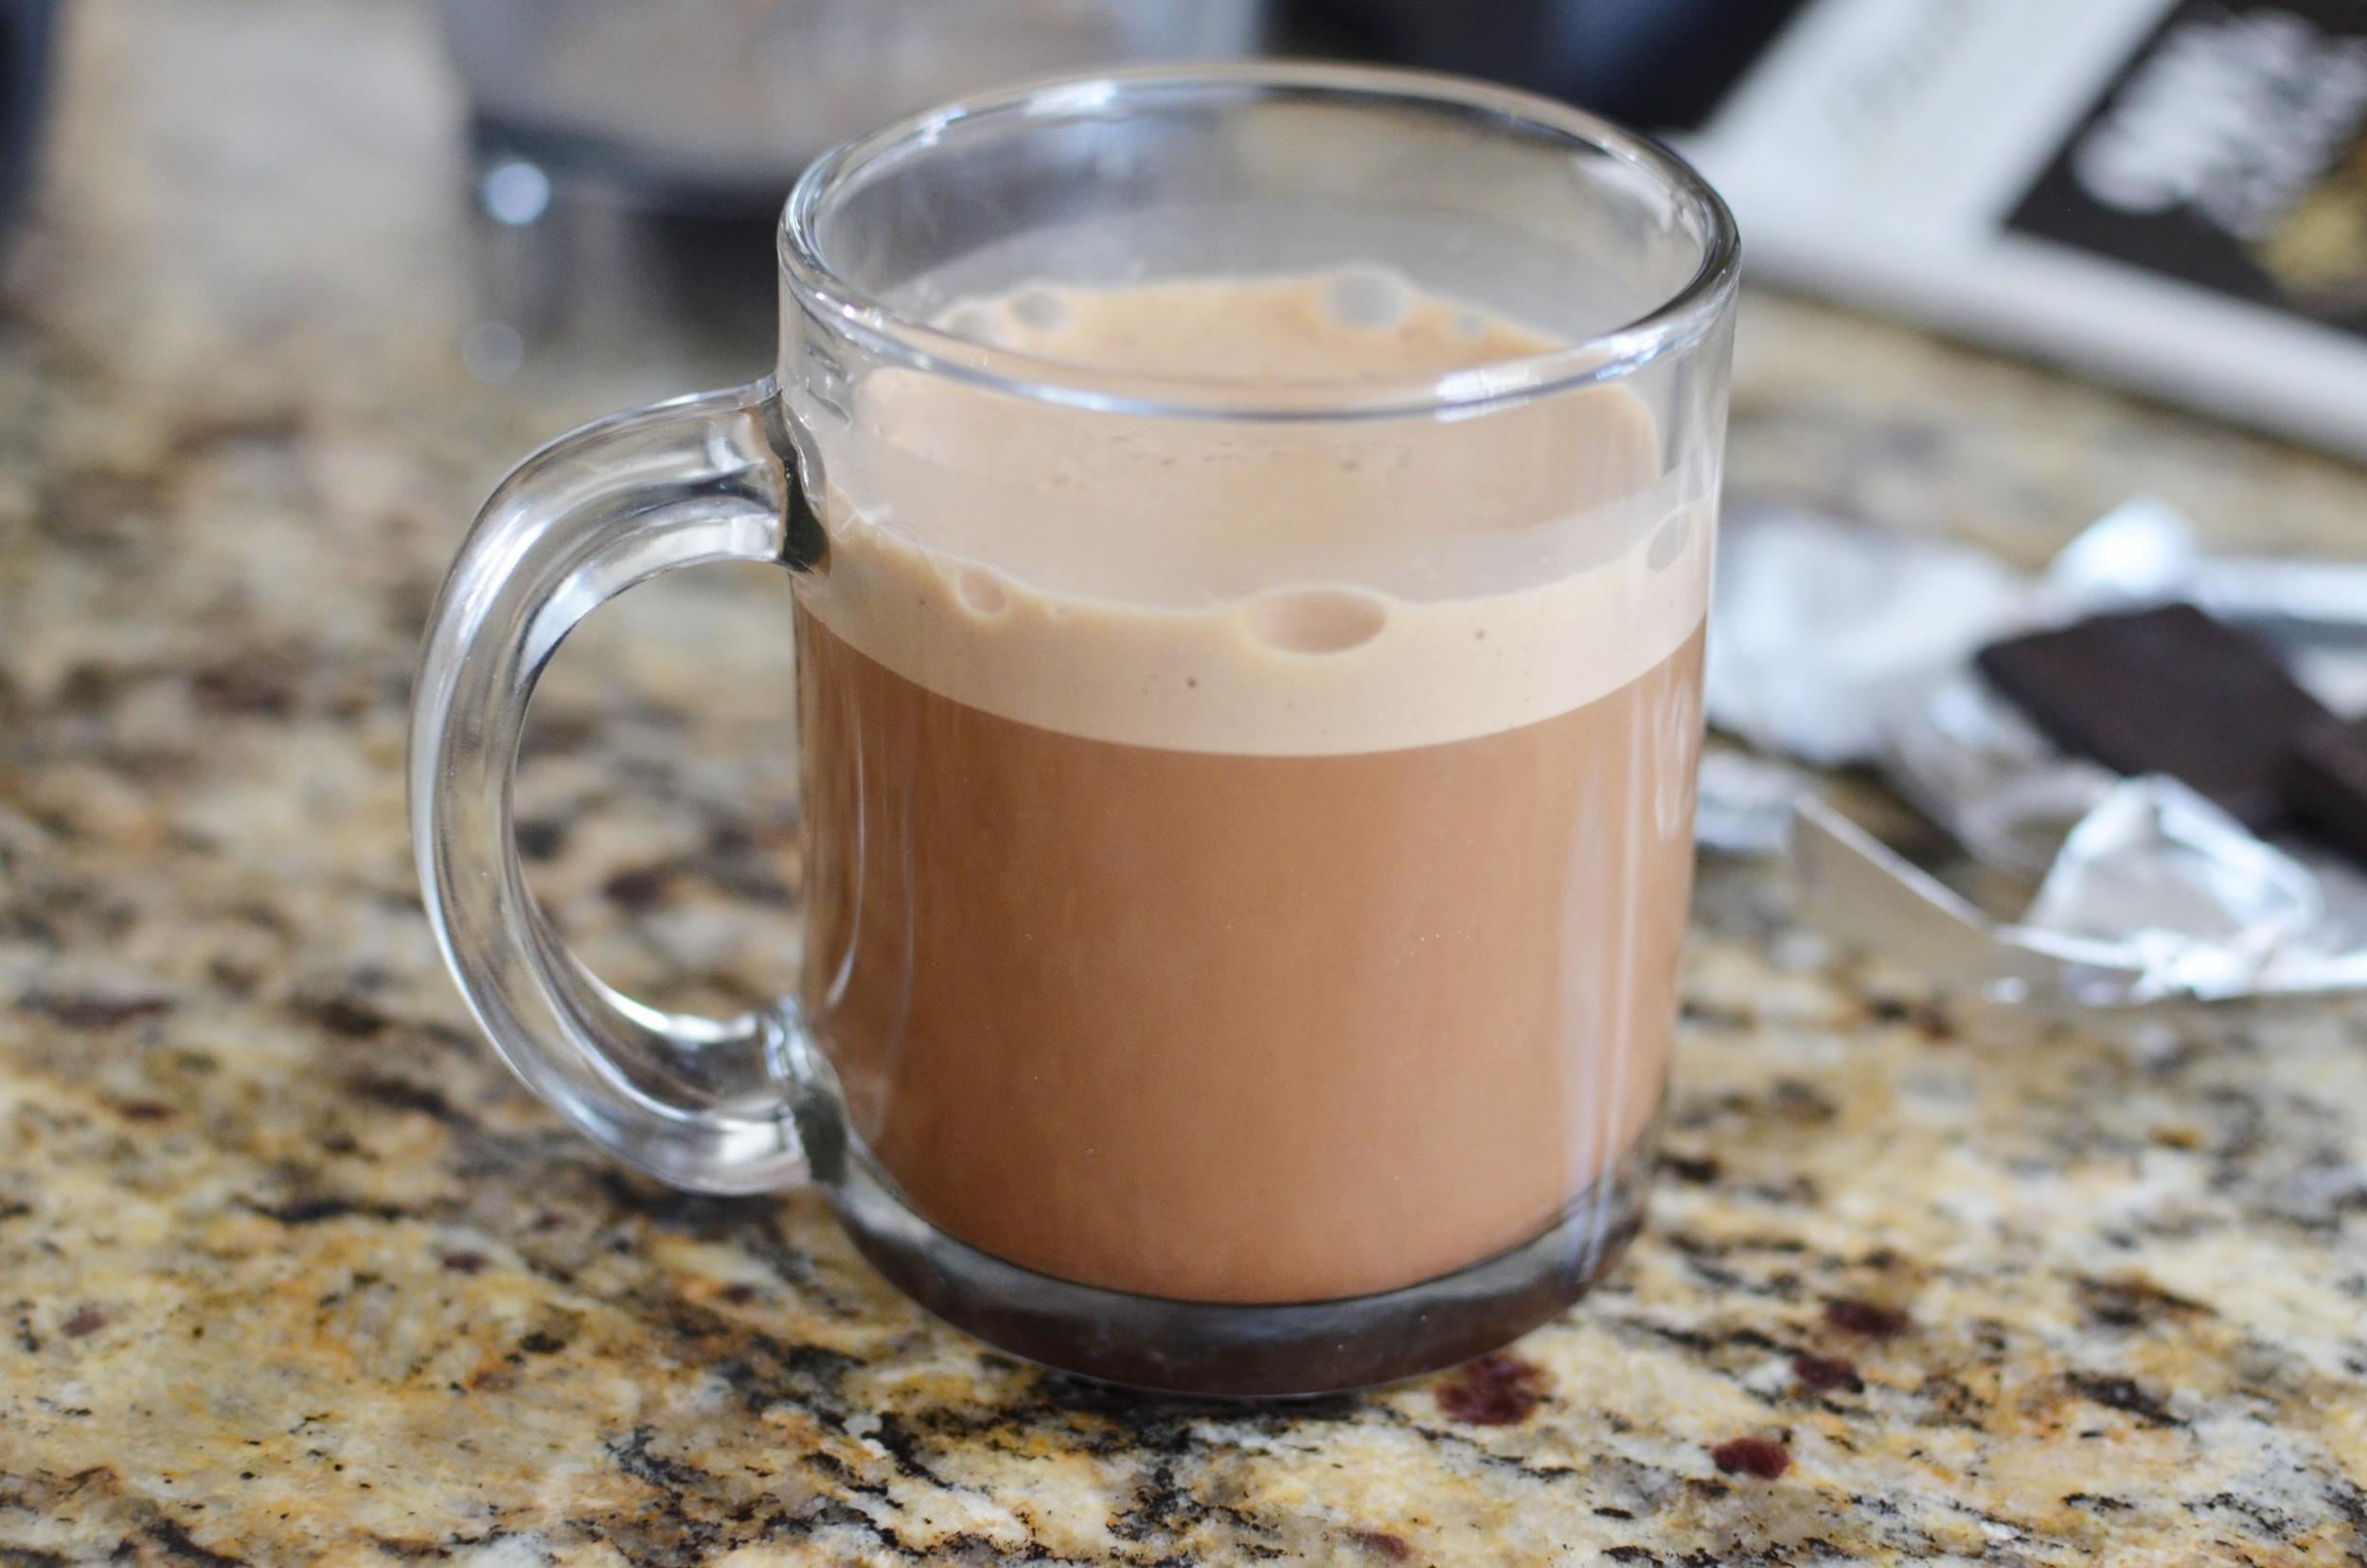 Bulletproof coffee. Bullet proof coffee. Keto coffee. how to make bulletproof coffee. how to make bullet proof coffee. bulletproof coffee recipe. how to make your own bulletproof coffee.